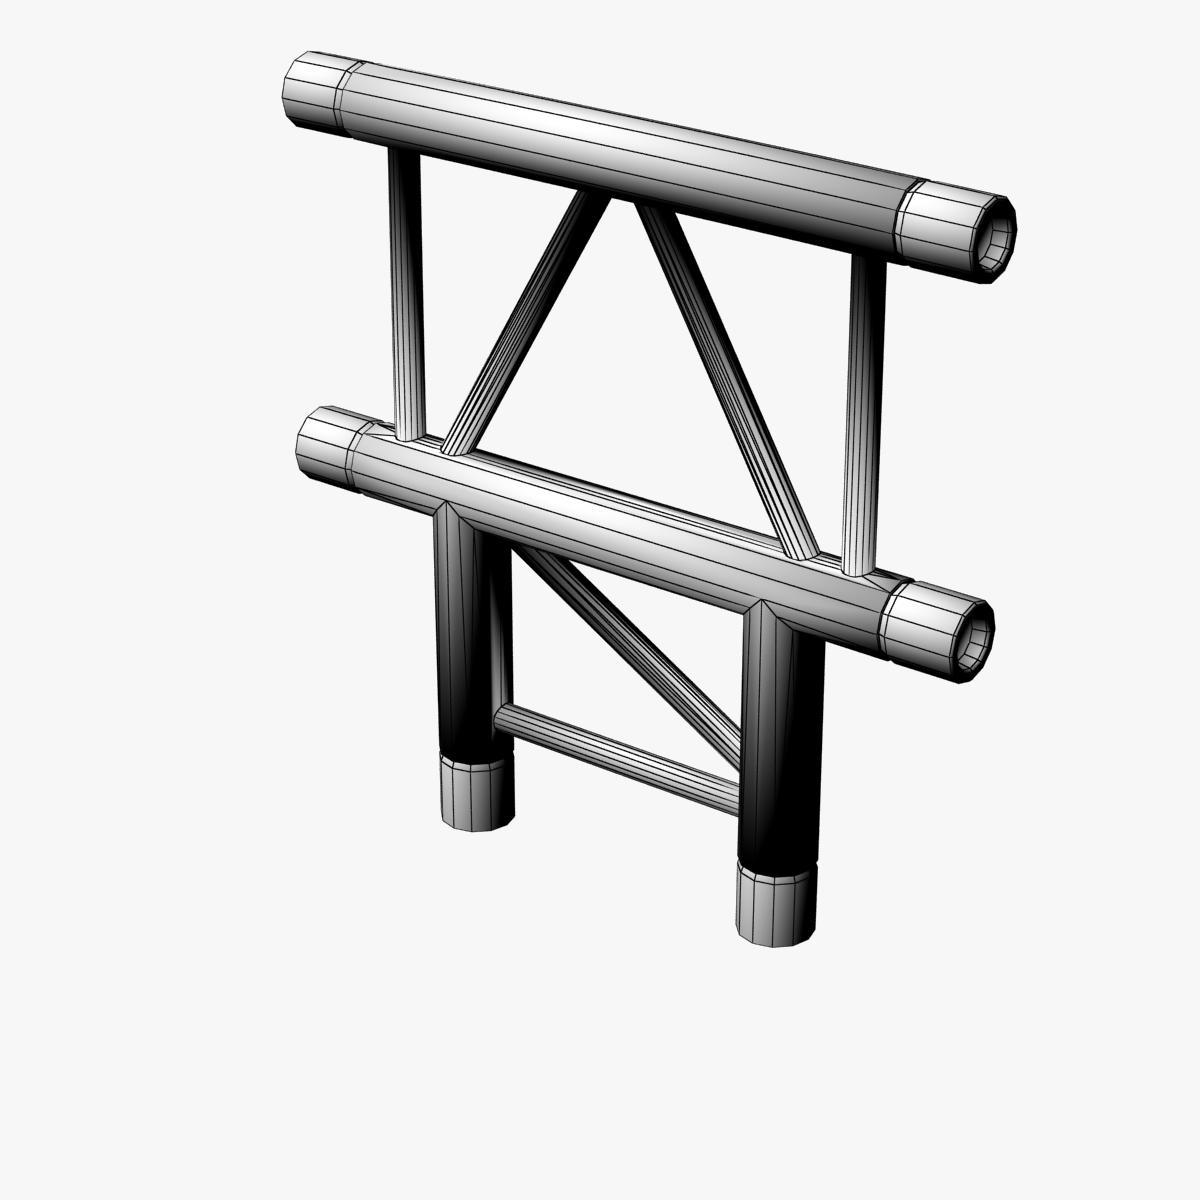 križni i križni spoj snopa 134 3d model 3ds max dxf fbx c4d obj 268780